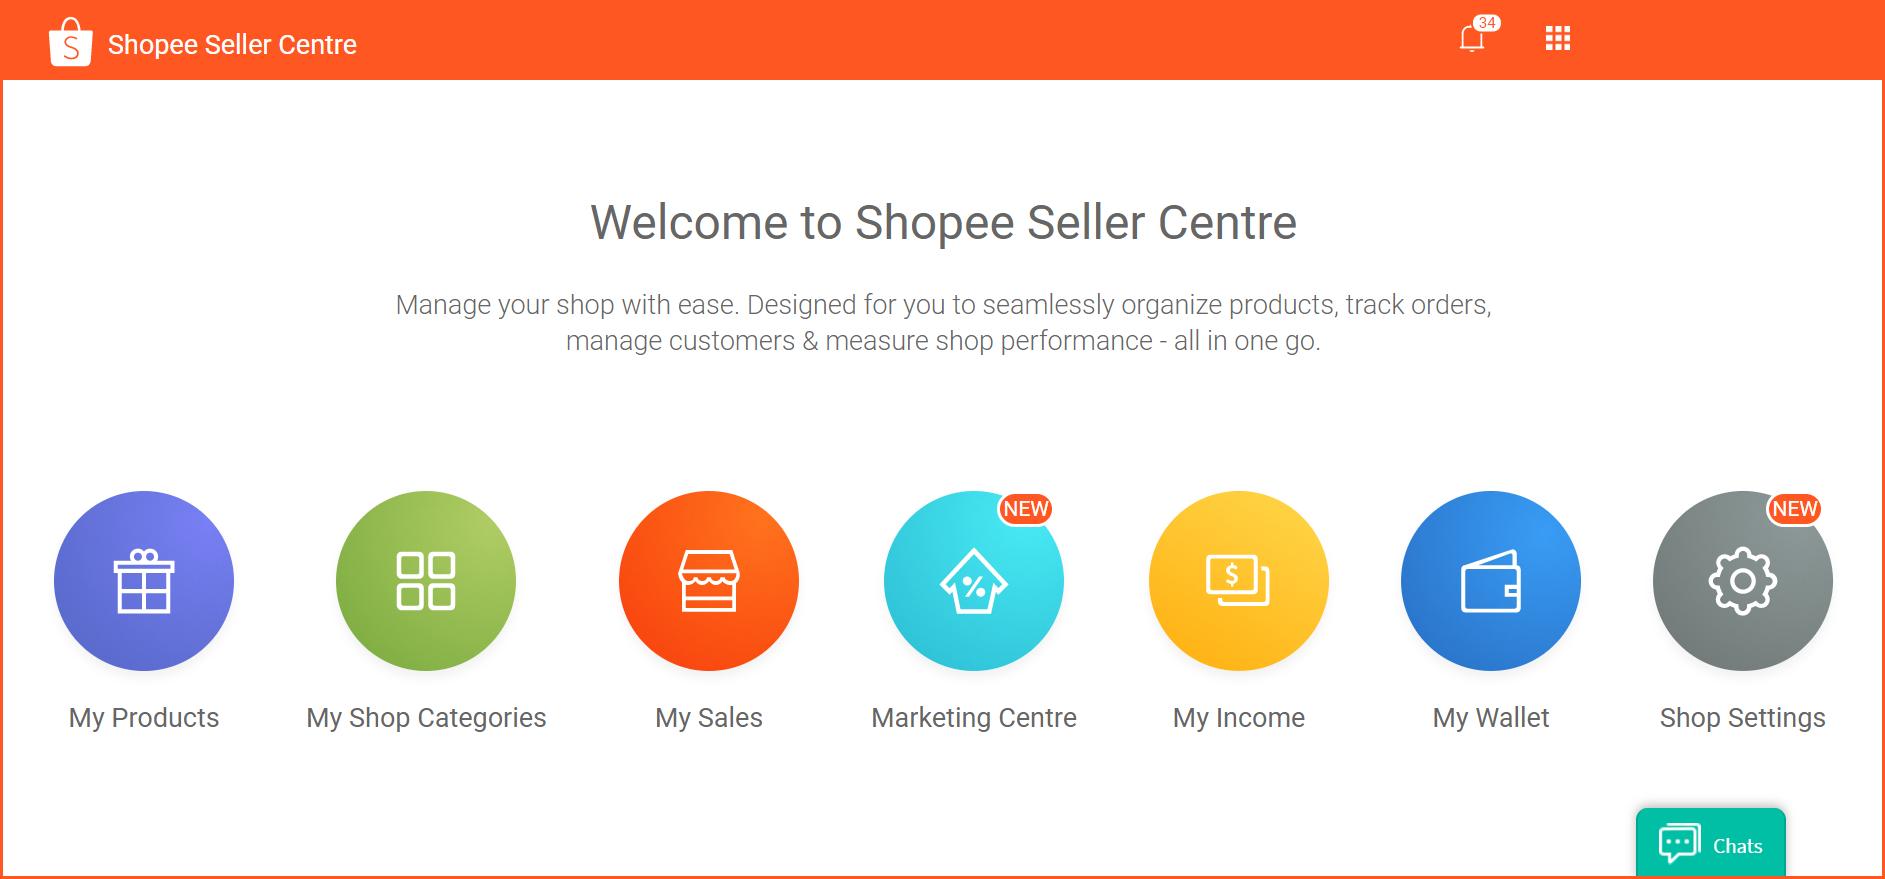 虾皮购物(Shopee电商平台)从商家帐号注册入驻卖家平台到运营教程 - 卖家中心页面概览(Seller Center)